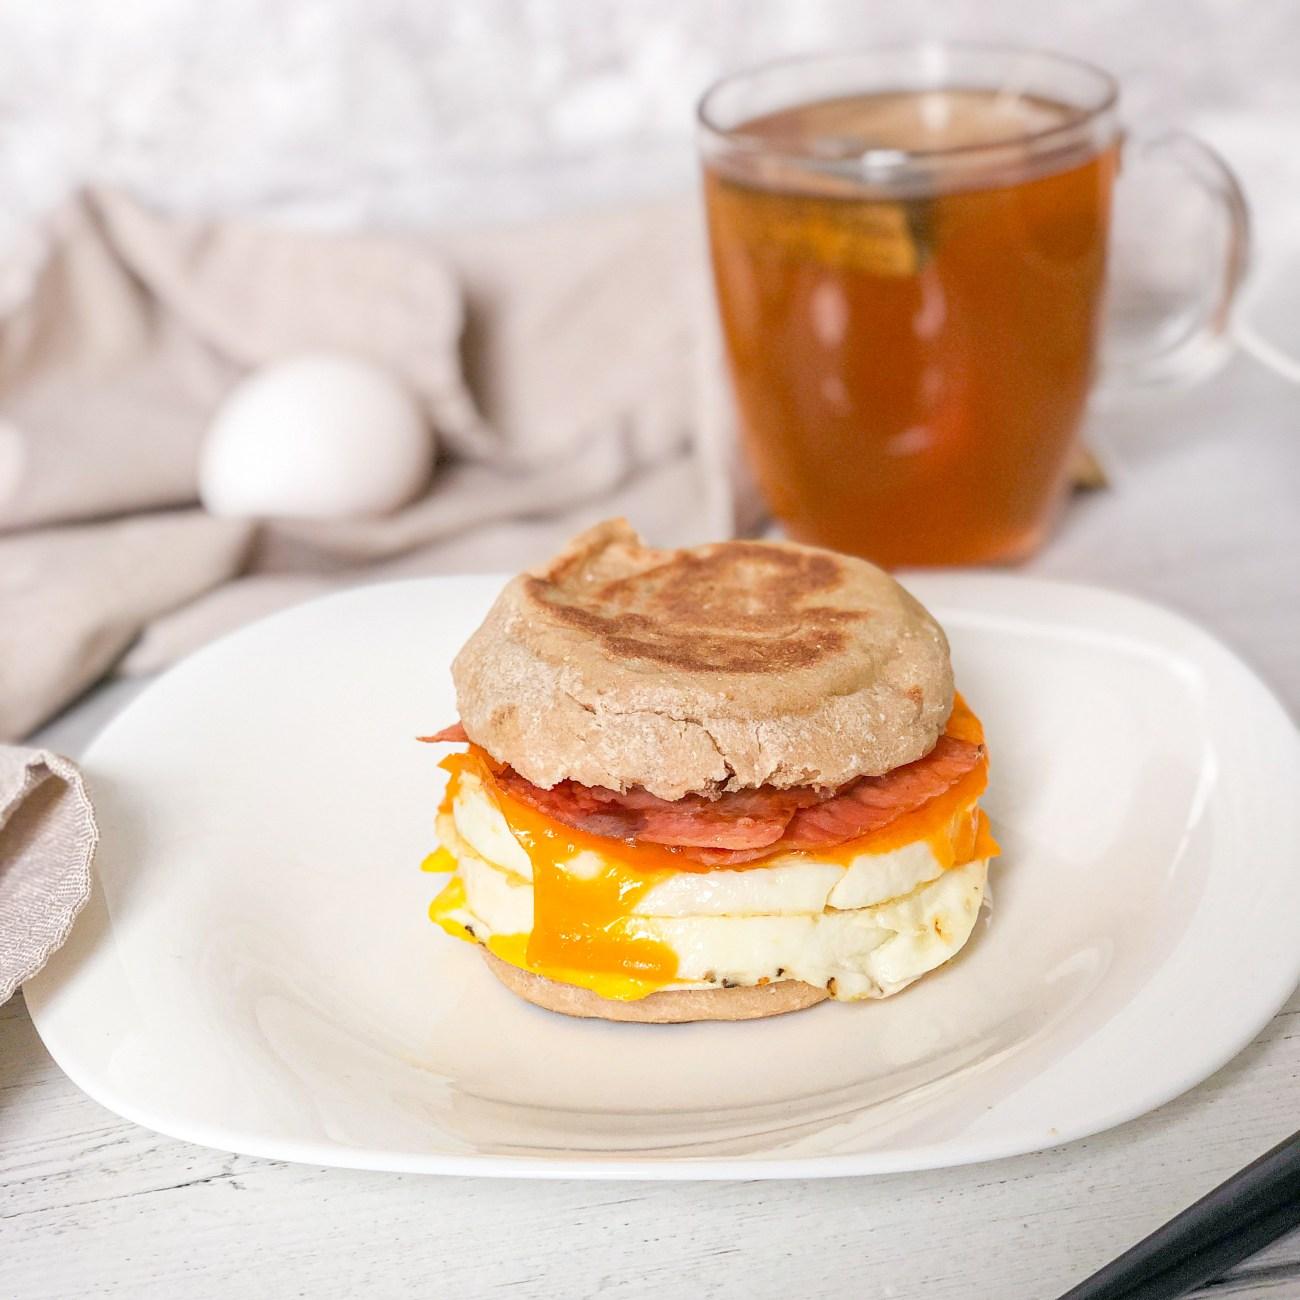 Crispy Lox and Egg Breakfast Sandwich